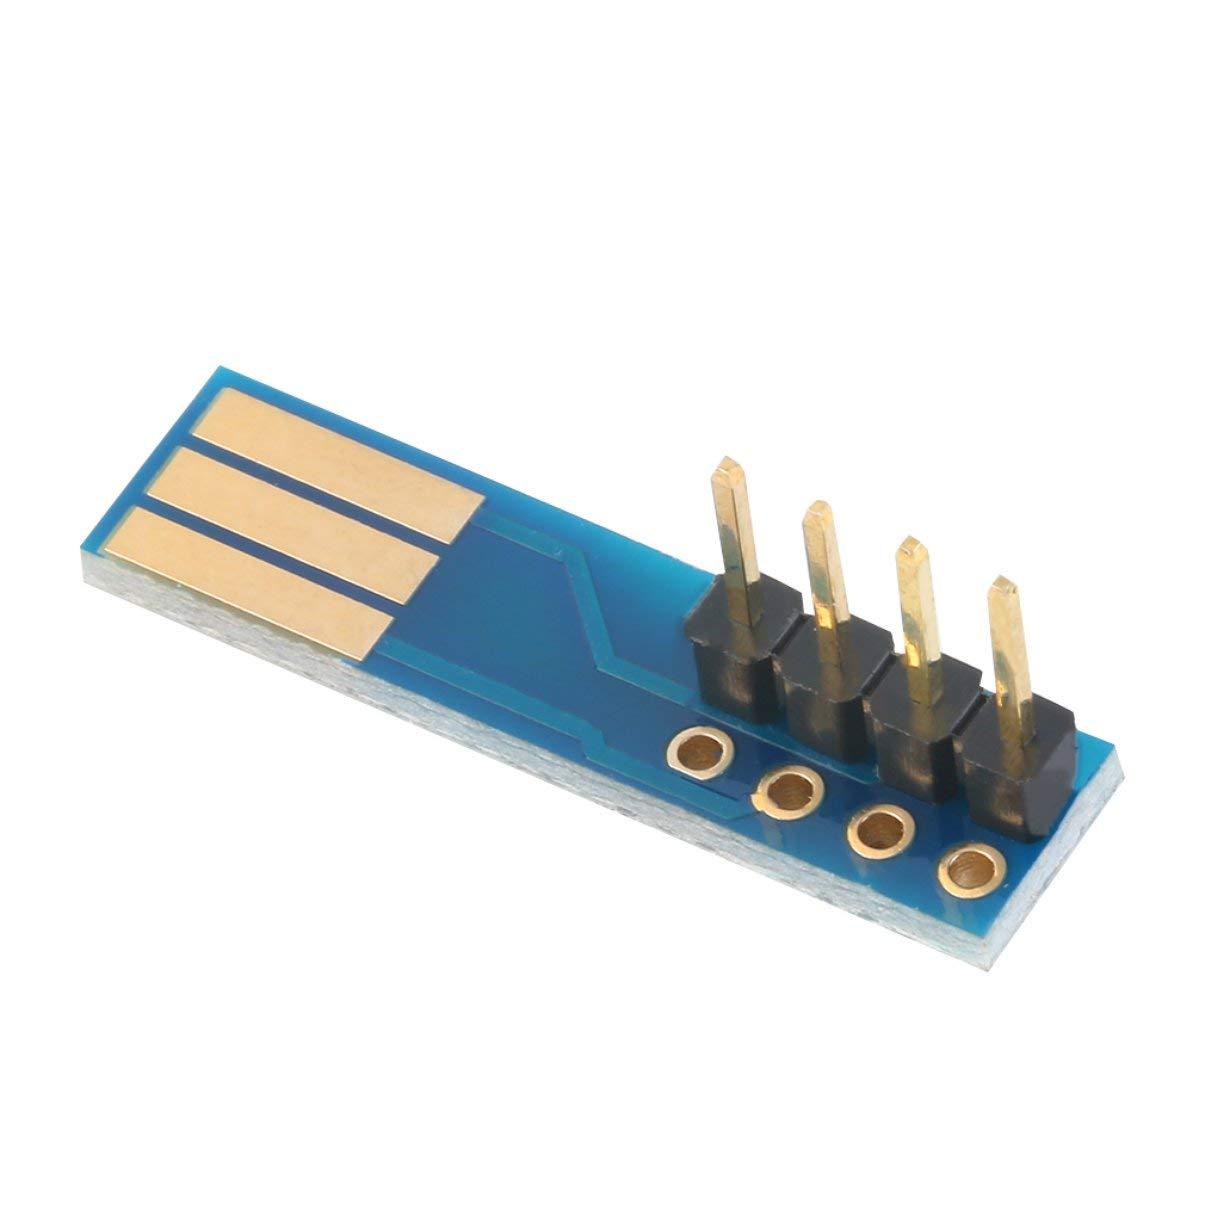 en StockShield Mó dulo Adaptador de placa para Wii para WiiChuck Nunchuck Compatible para Arduino Wholesale JullyeleEsgant